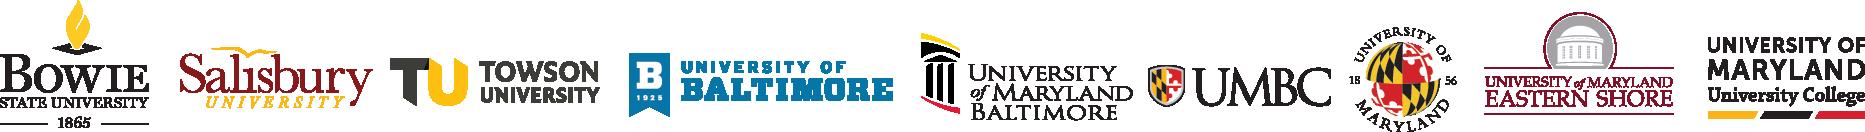 USG Academic Partner Logos